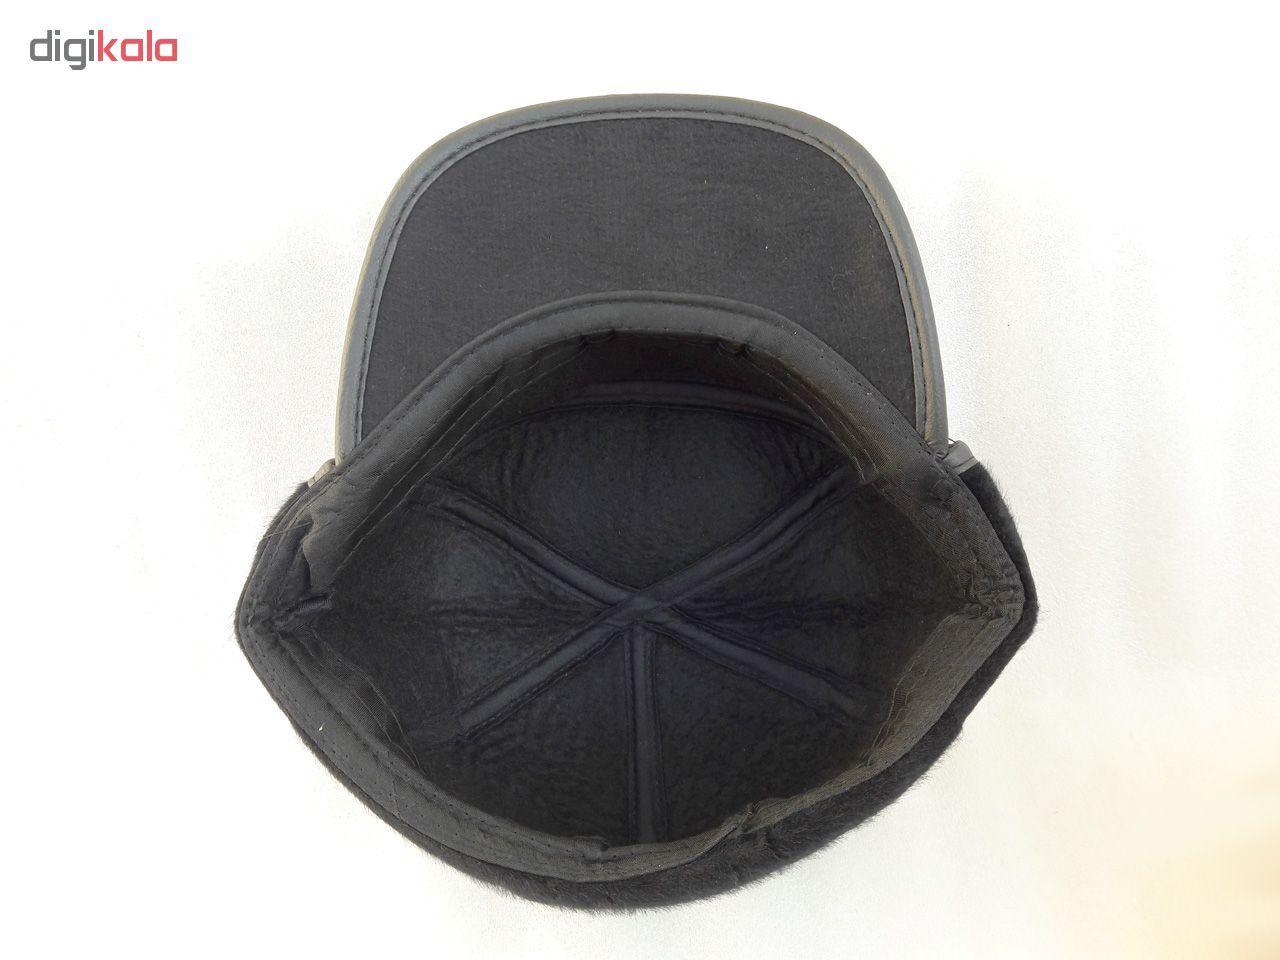 کلاه مردانه کد GH41 main 1 4